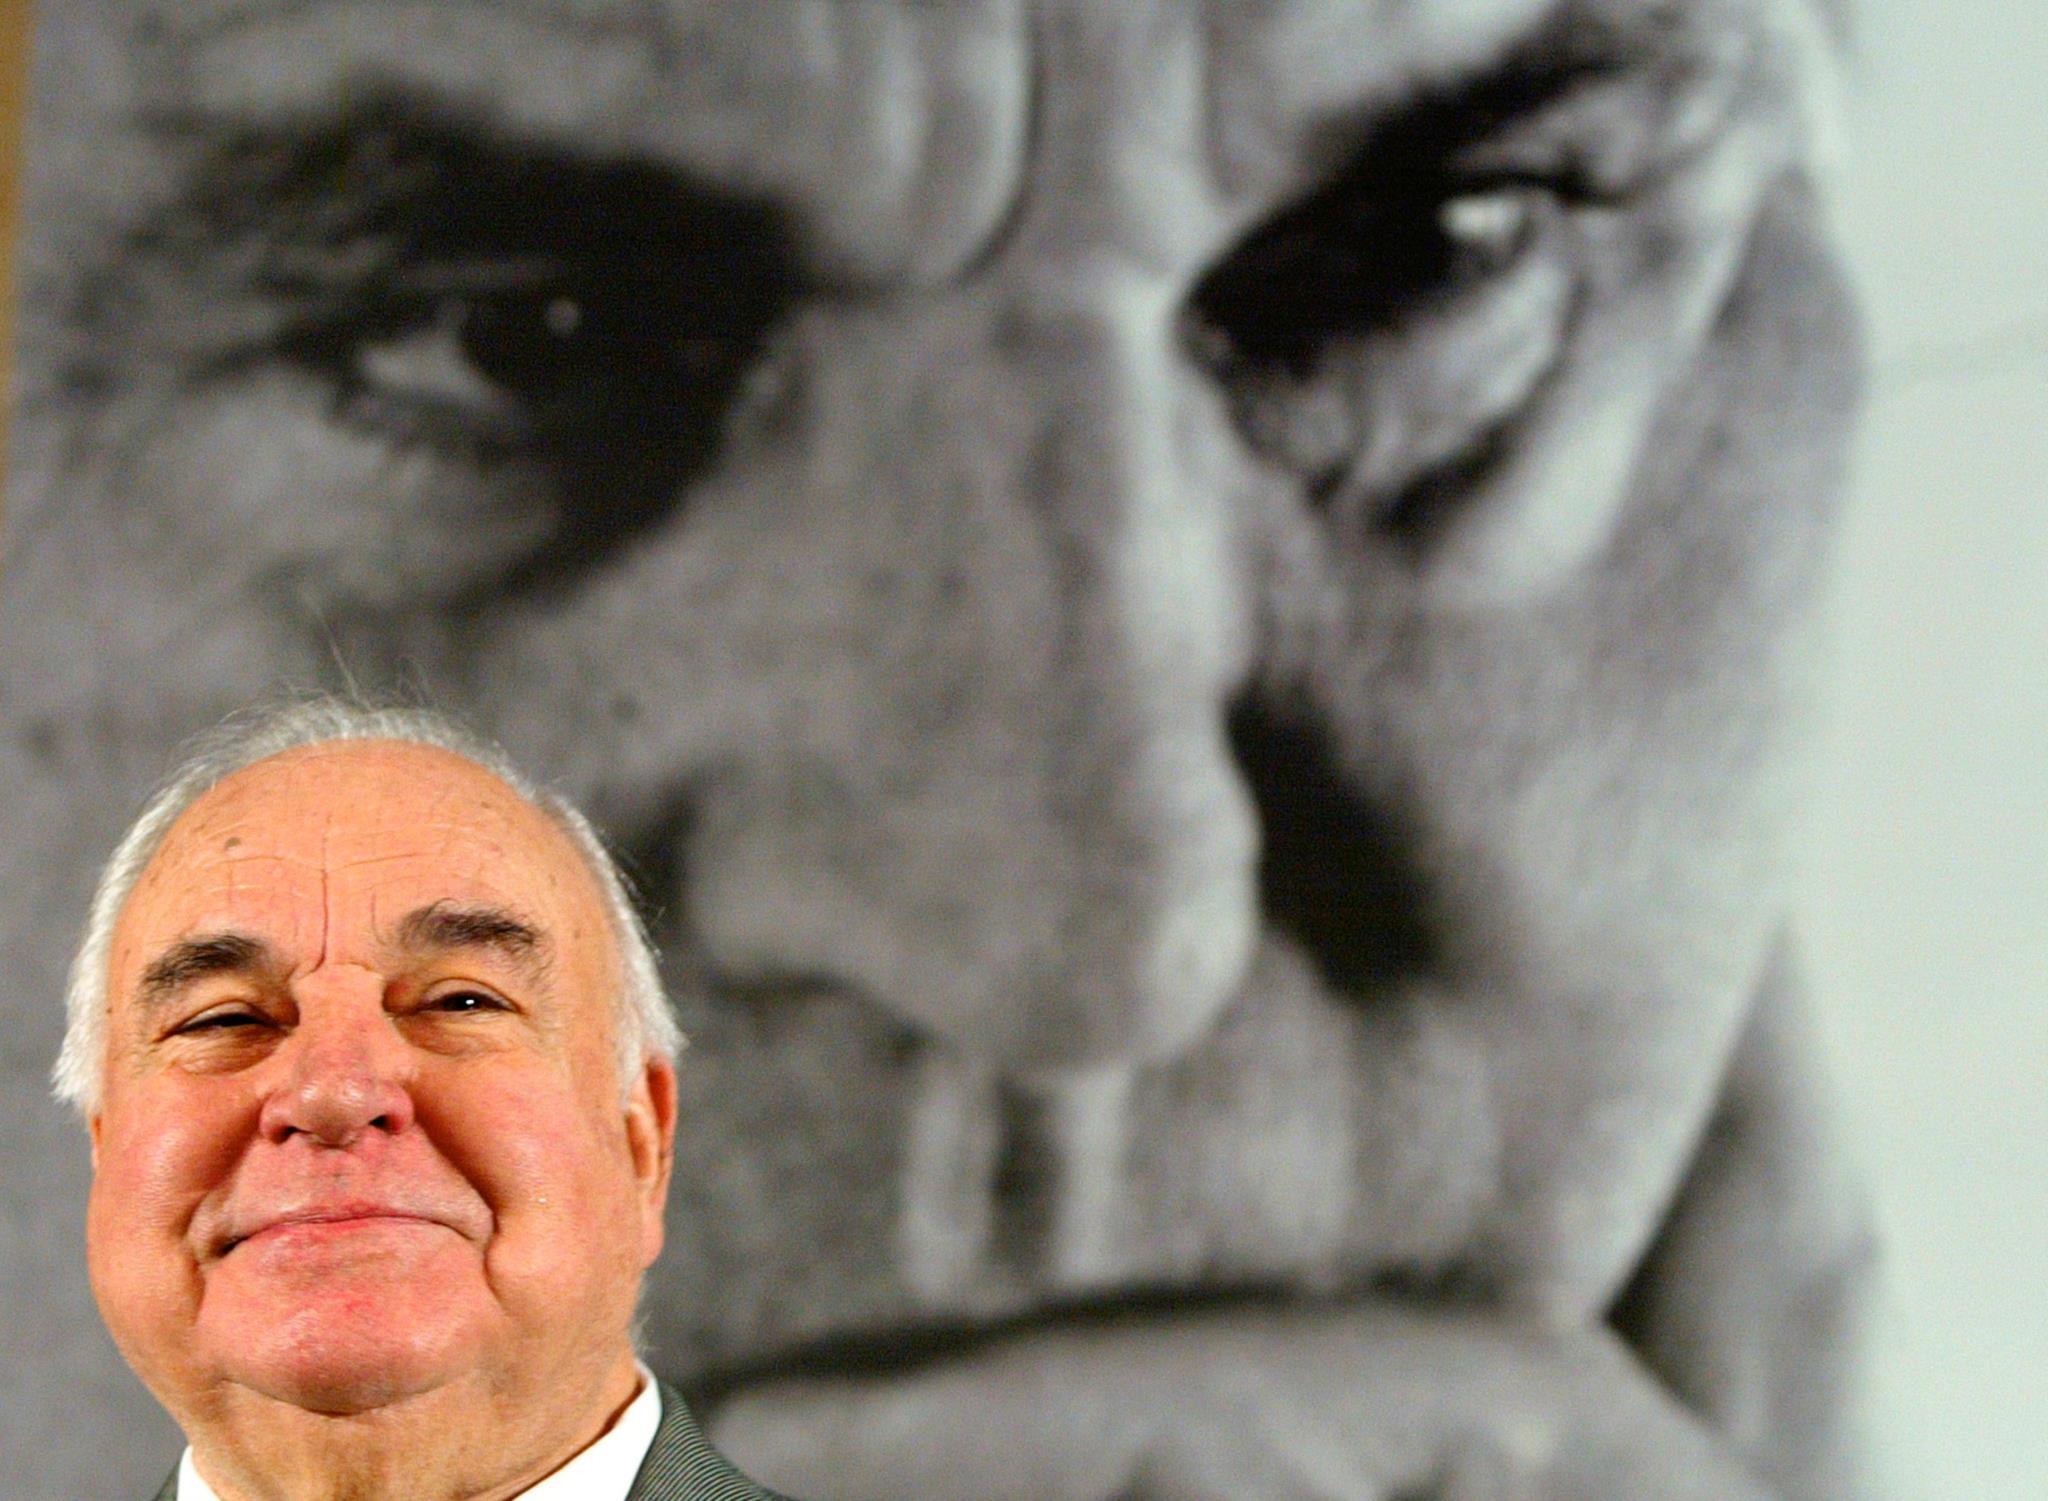 """Helmut Kohl durante uma conferência para promover o seu livro """"Erinnerungen 1982-1990"""" (Memórias 1982-1990), em Berlim, 2005"""